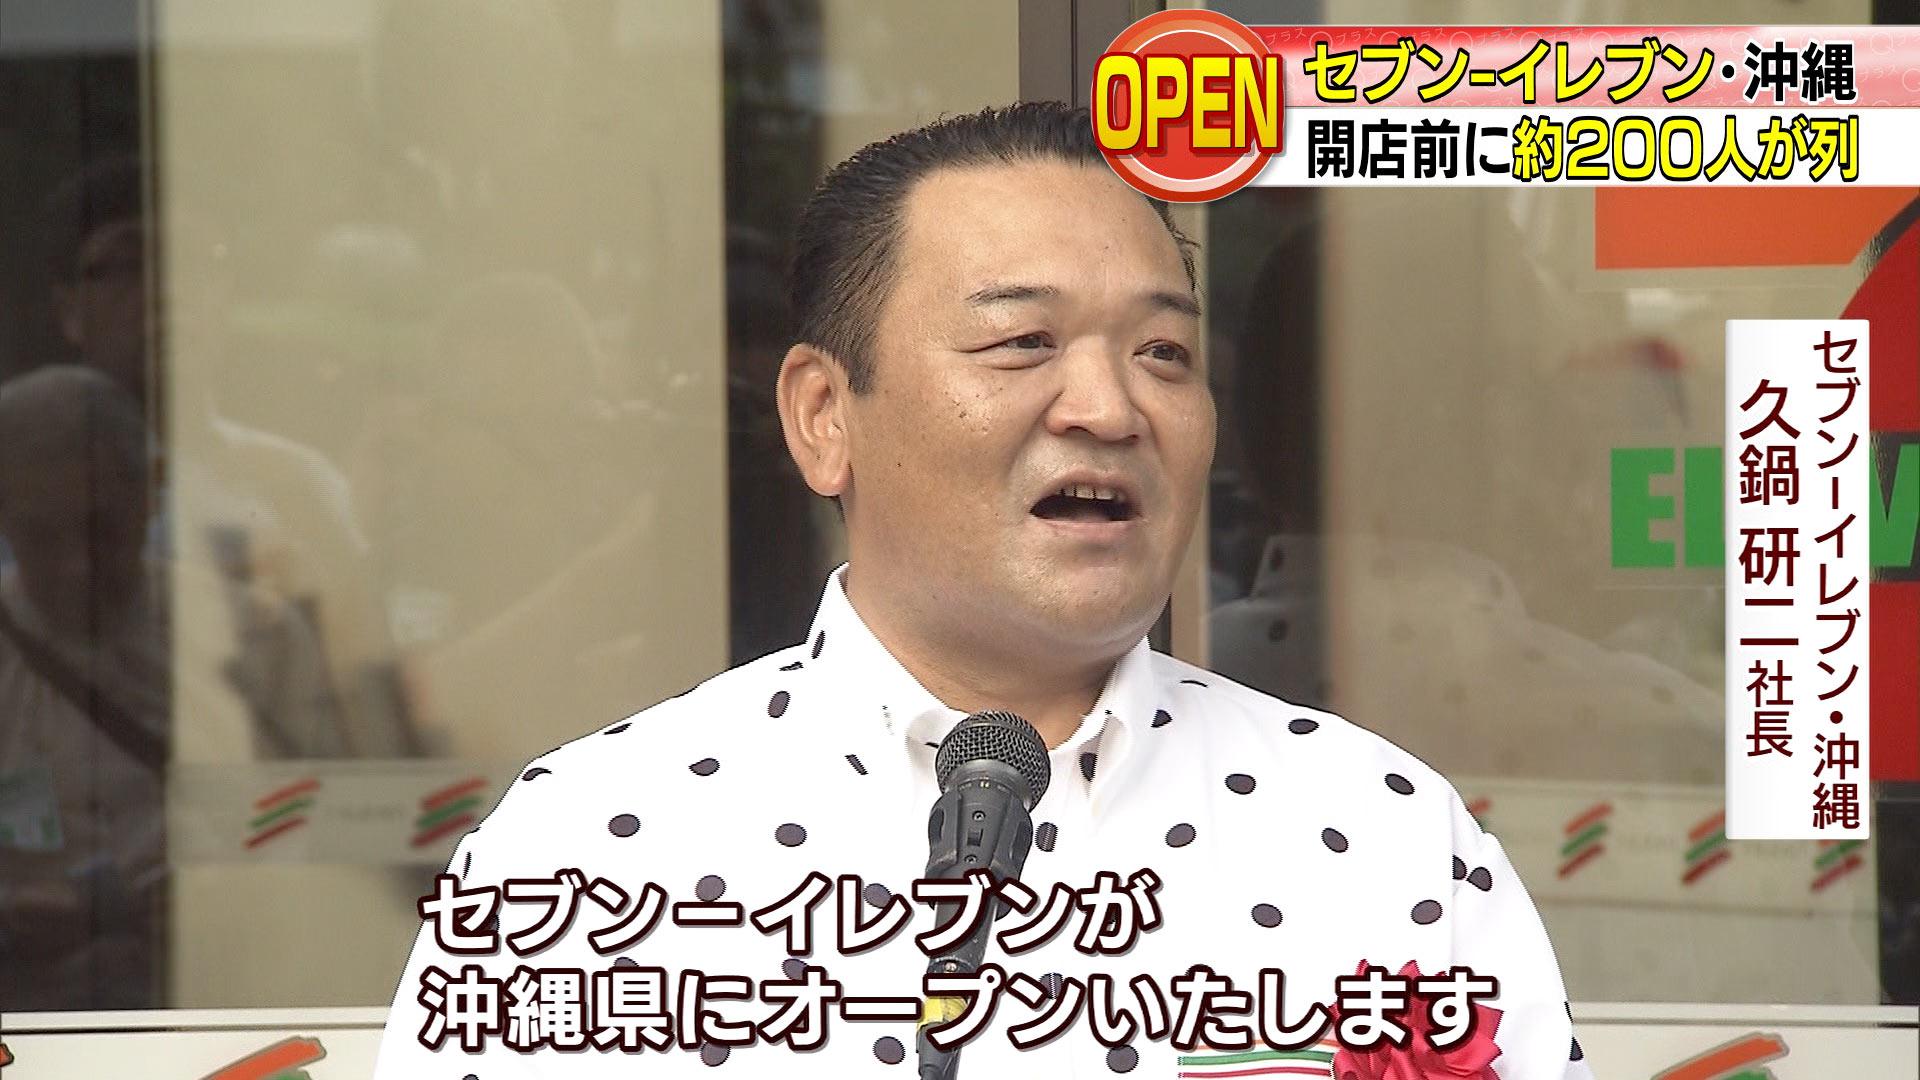 沖縄のお客様にはまず『お待たせしました』。セブン-イレブンが沖縄県にオープン致します。